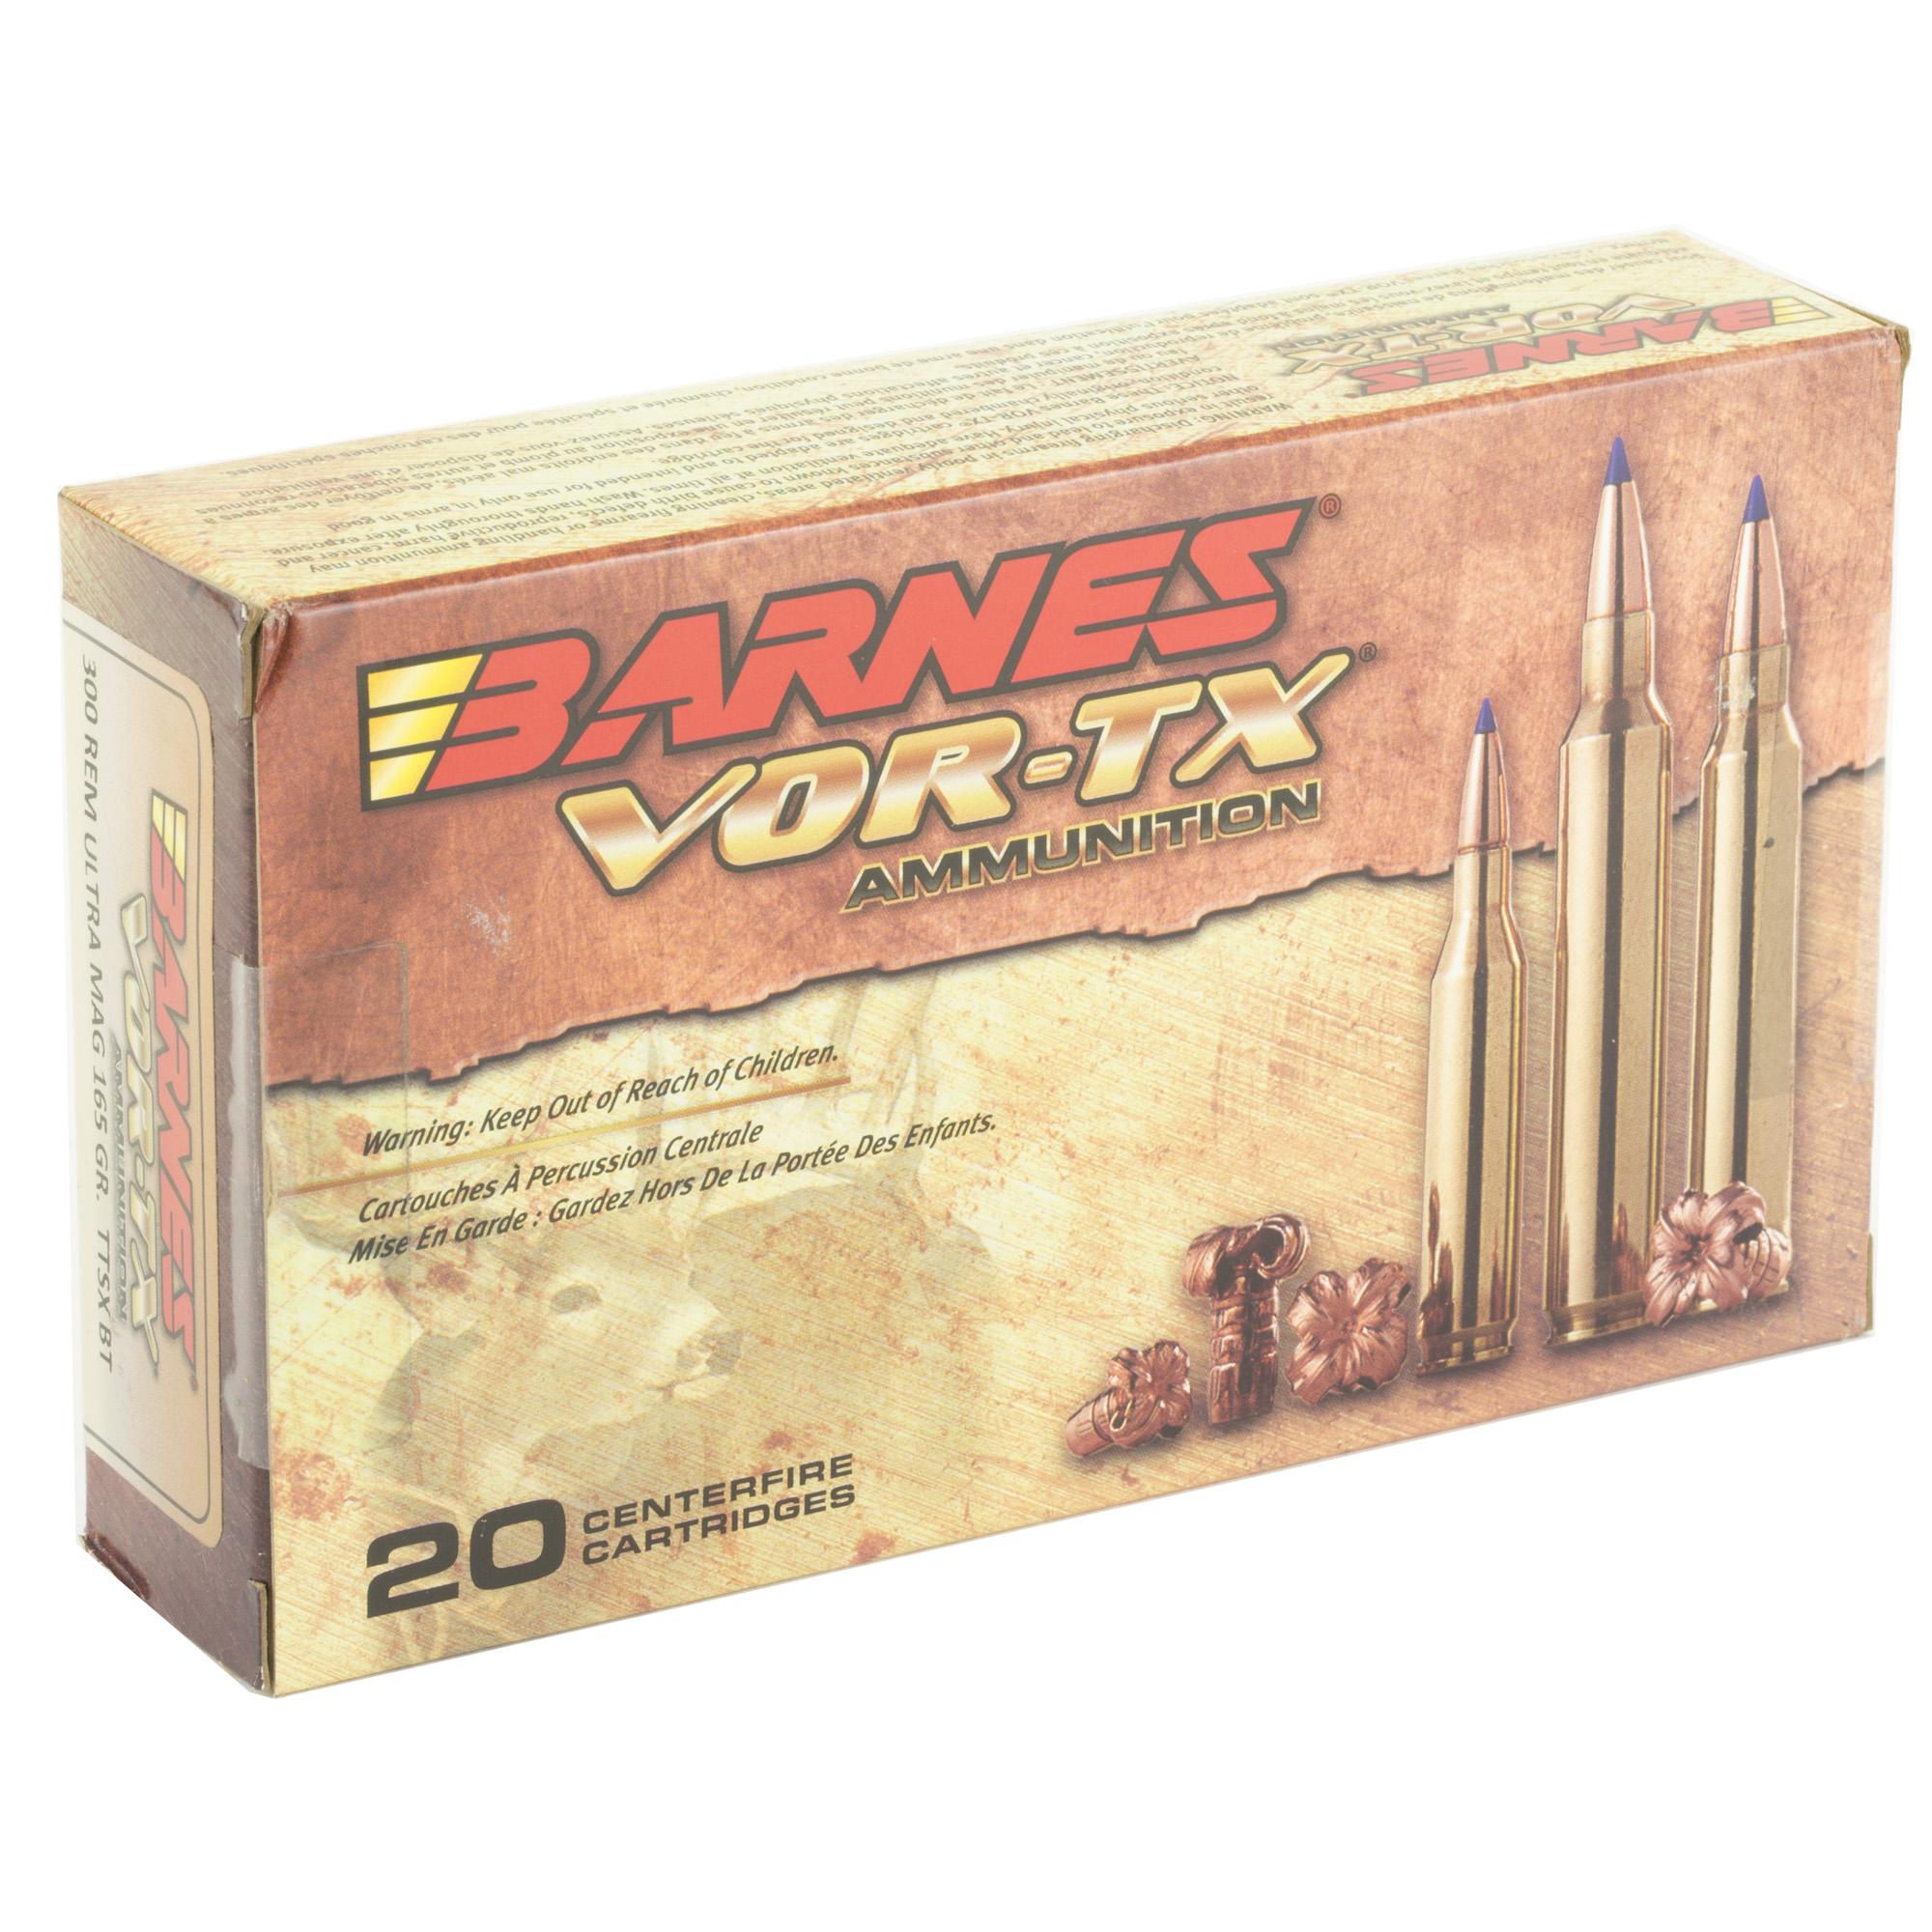 Barnes Vor-tx 300rum 165gr Ttsx 20/2